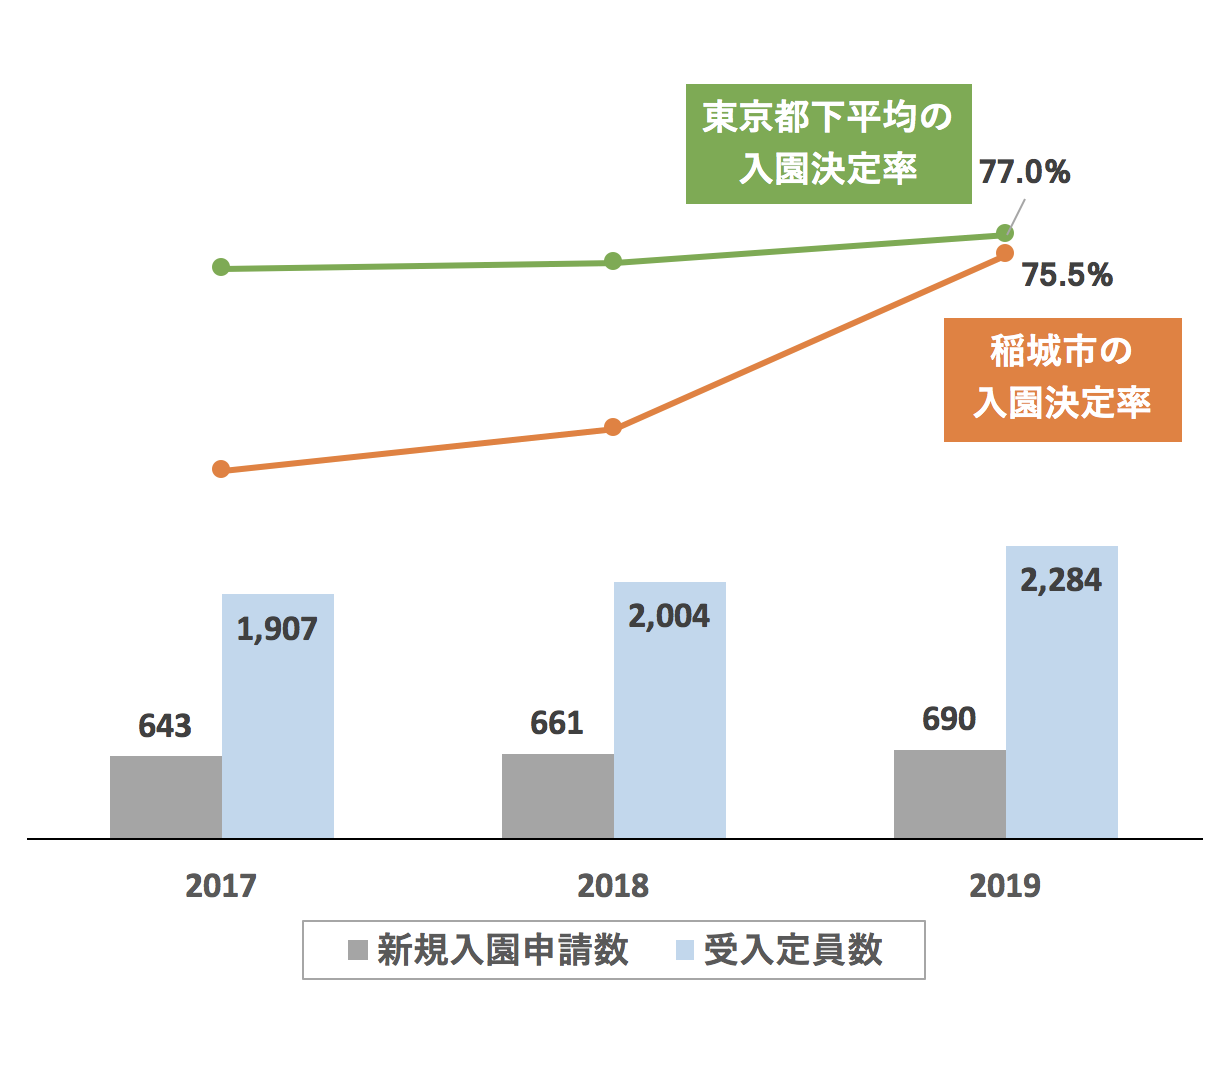 稲城市の新規入園決定率の推移や変化・保育園定員数の推移や変化・新規申込児童数の推移や変化